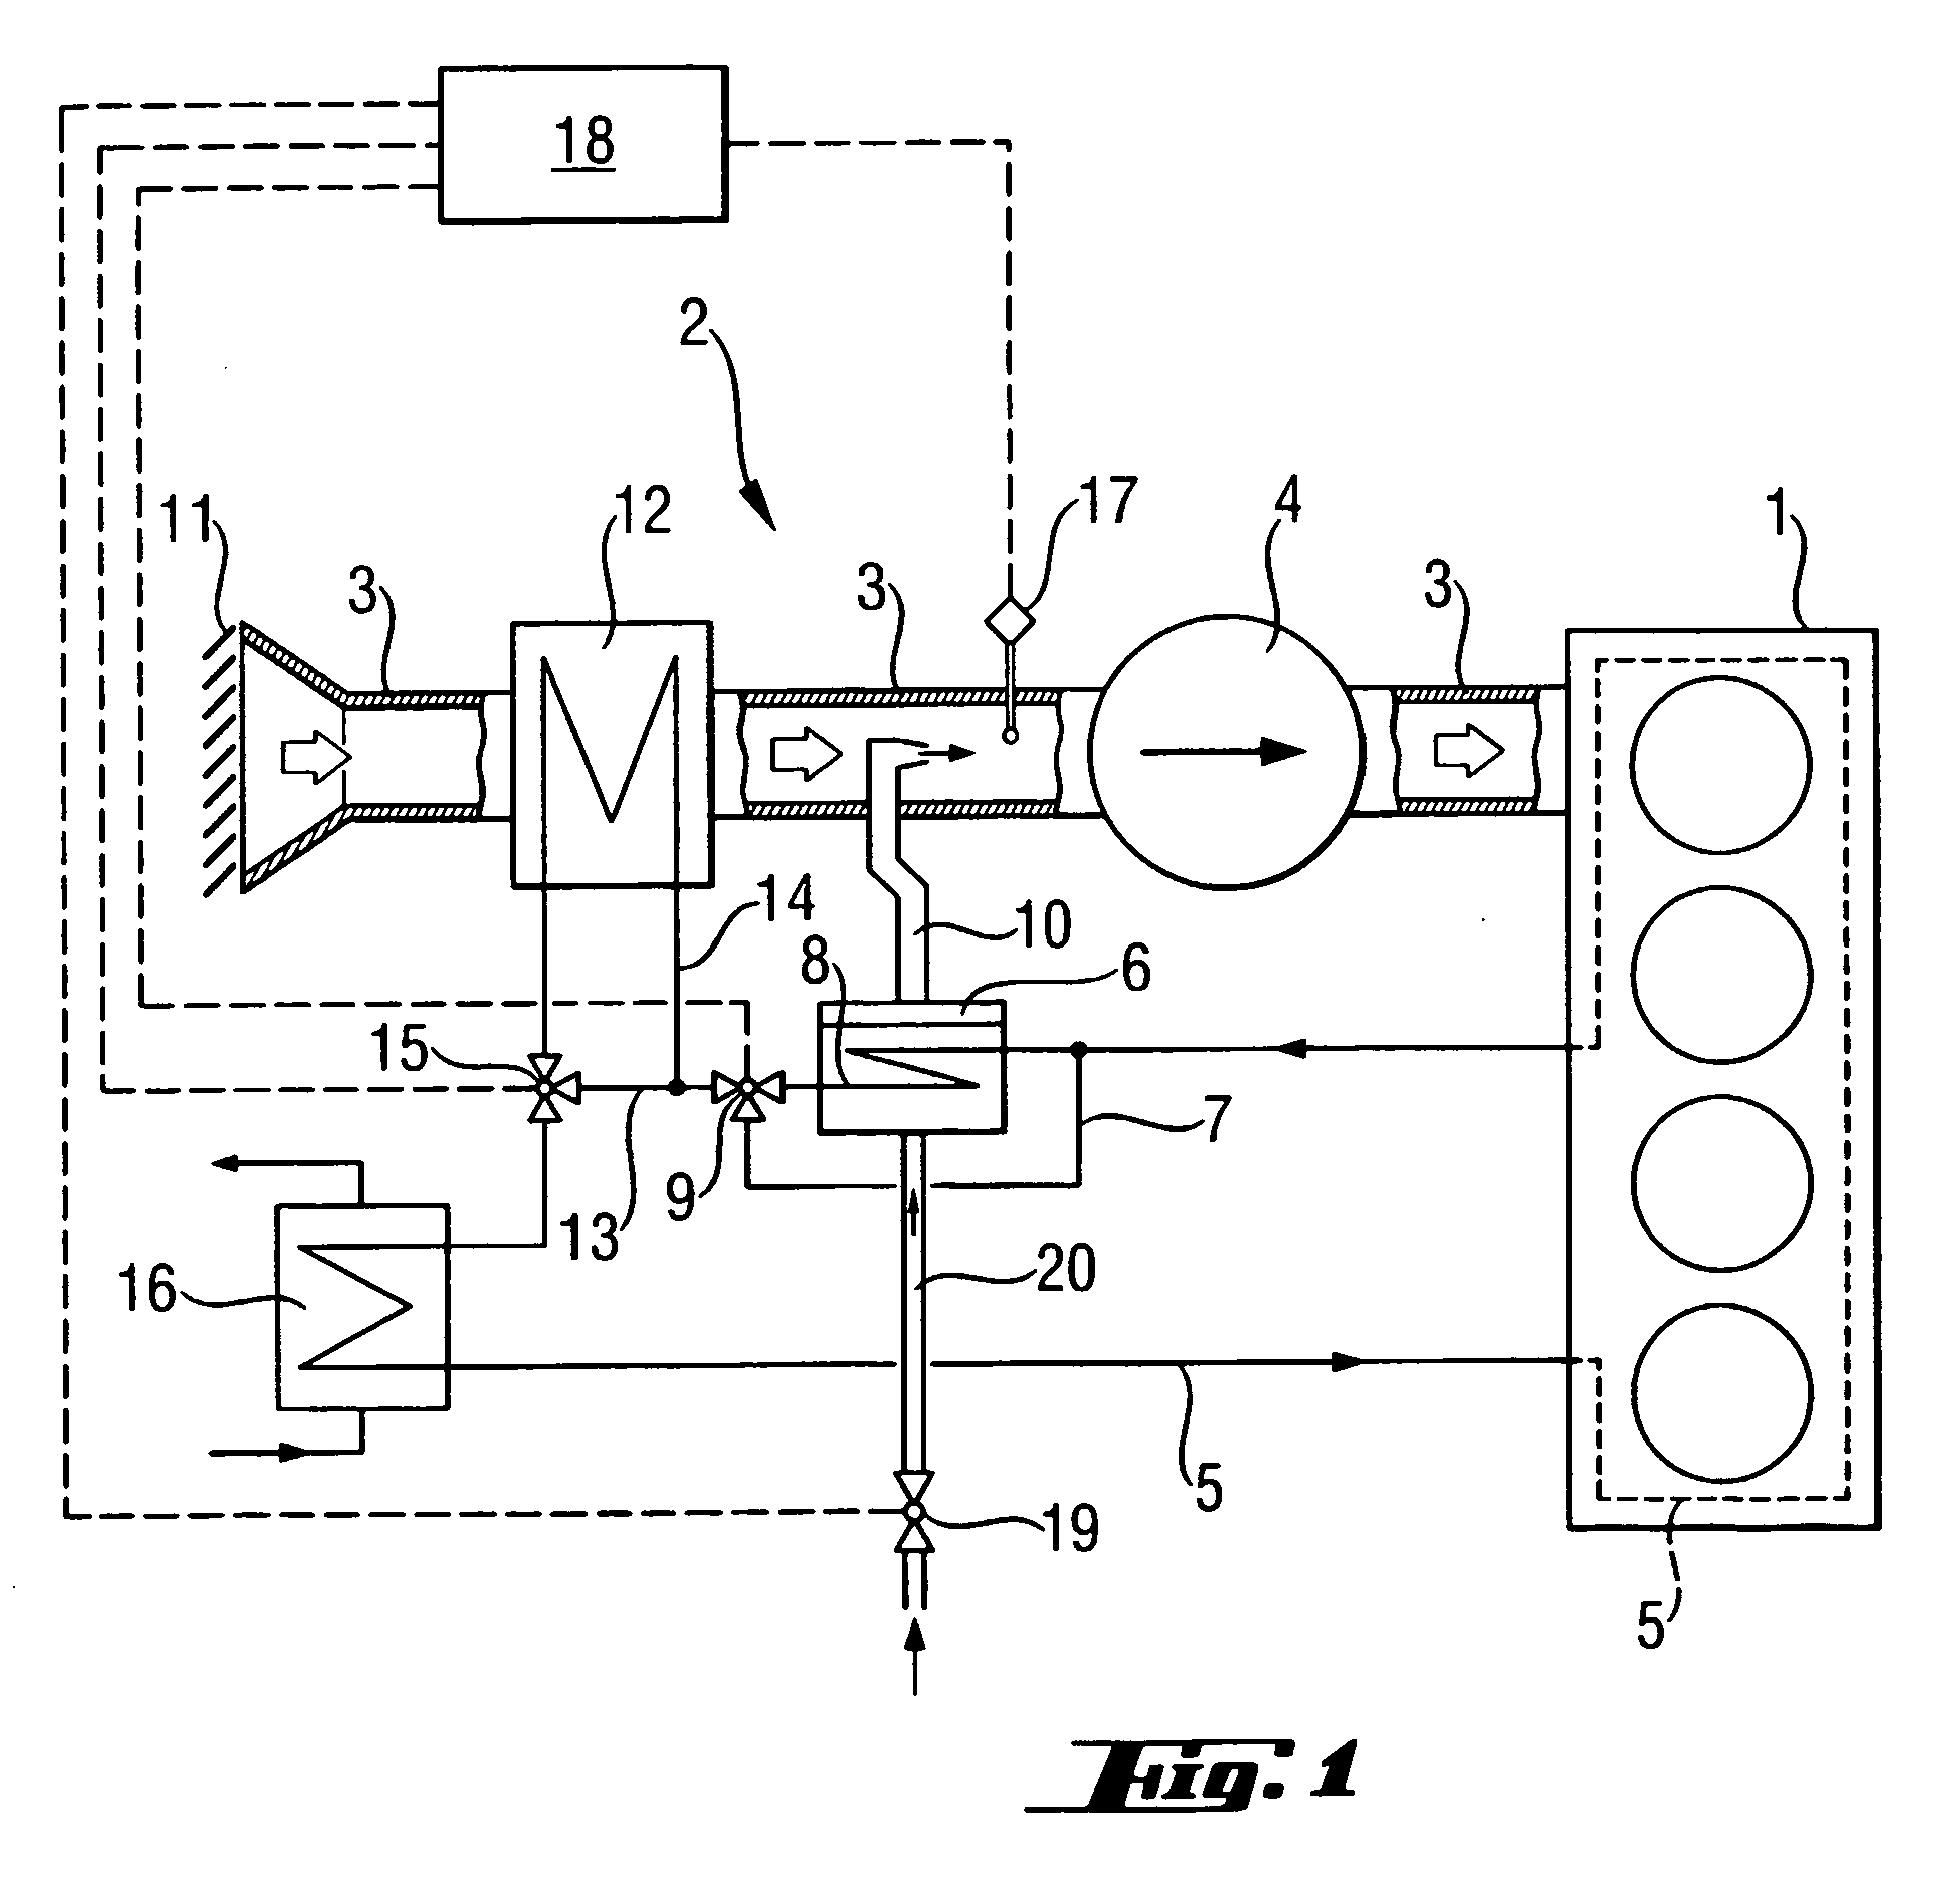 patent ep1434936b1 anordnung und verfahren in verbindung mit einem dieselmotor google patents. Black Bedroom Furniture Sets. Home Design Ideas